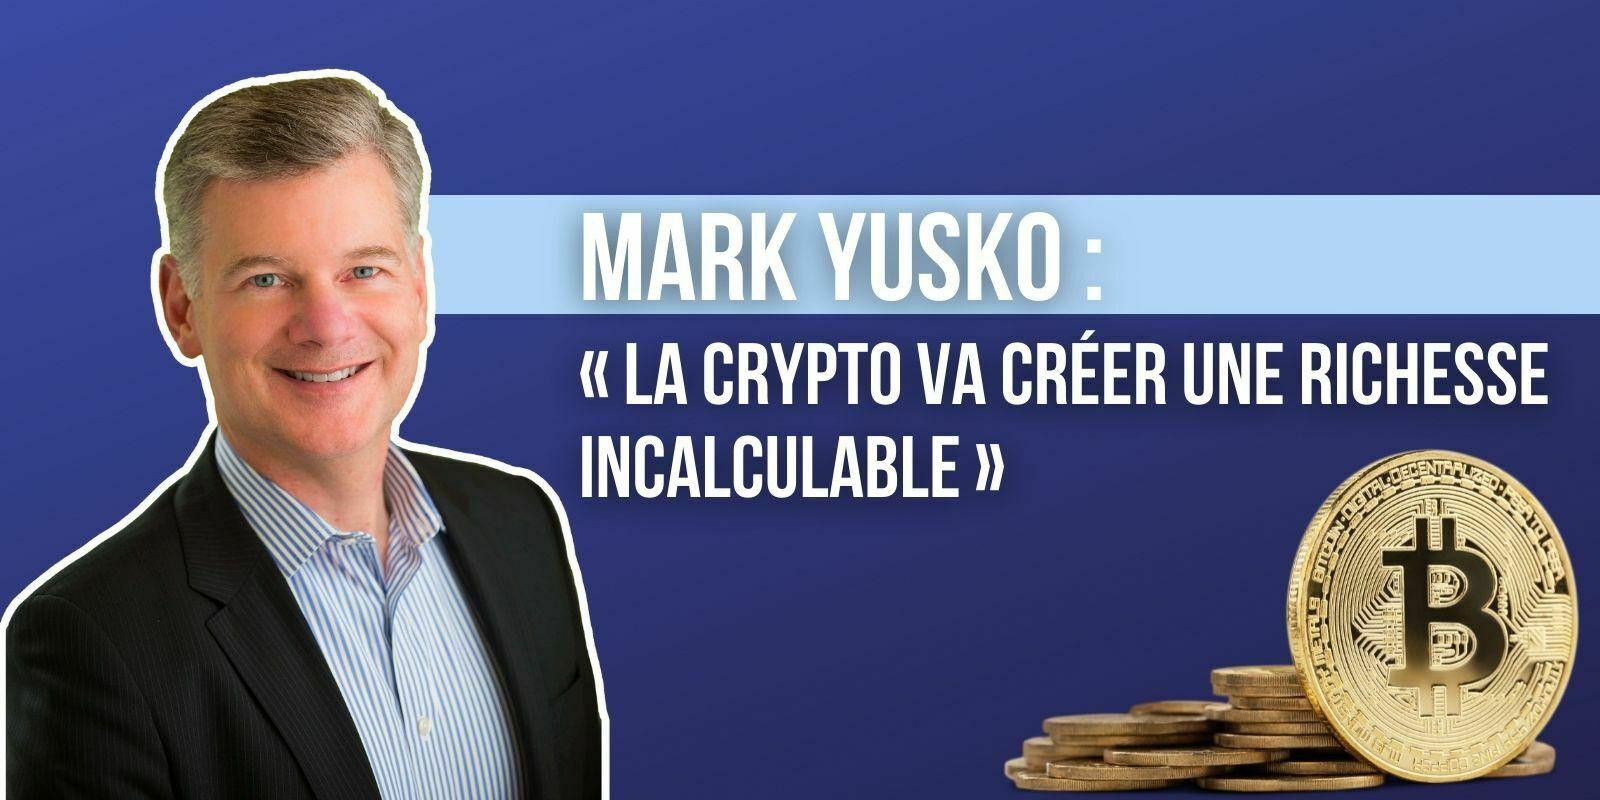 La cryptomonnaie va créer plus de richesse qu'Internet assure le PDG de Morgan Creek Capital